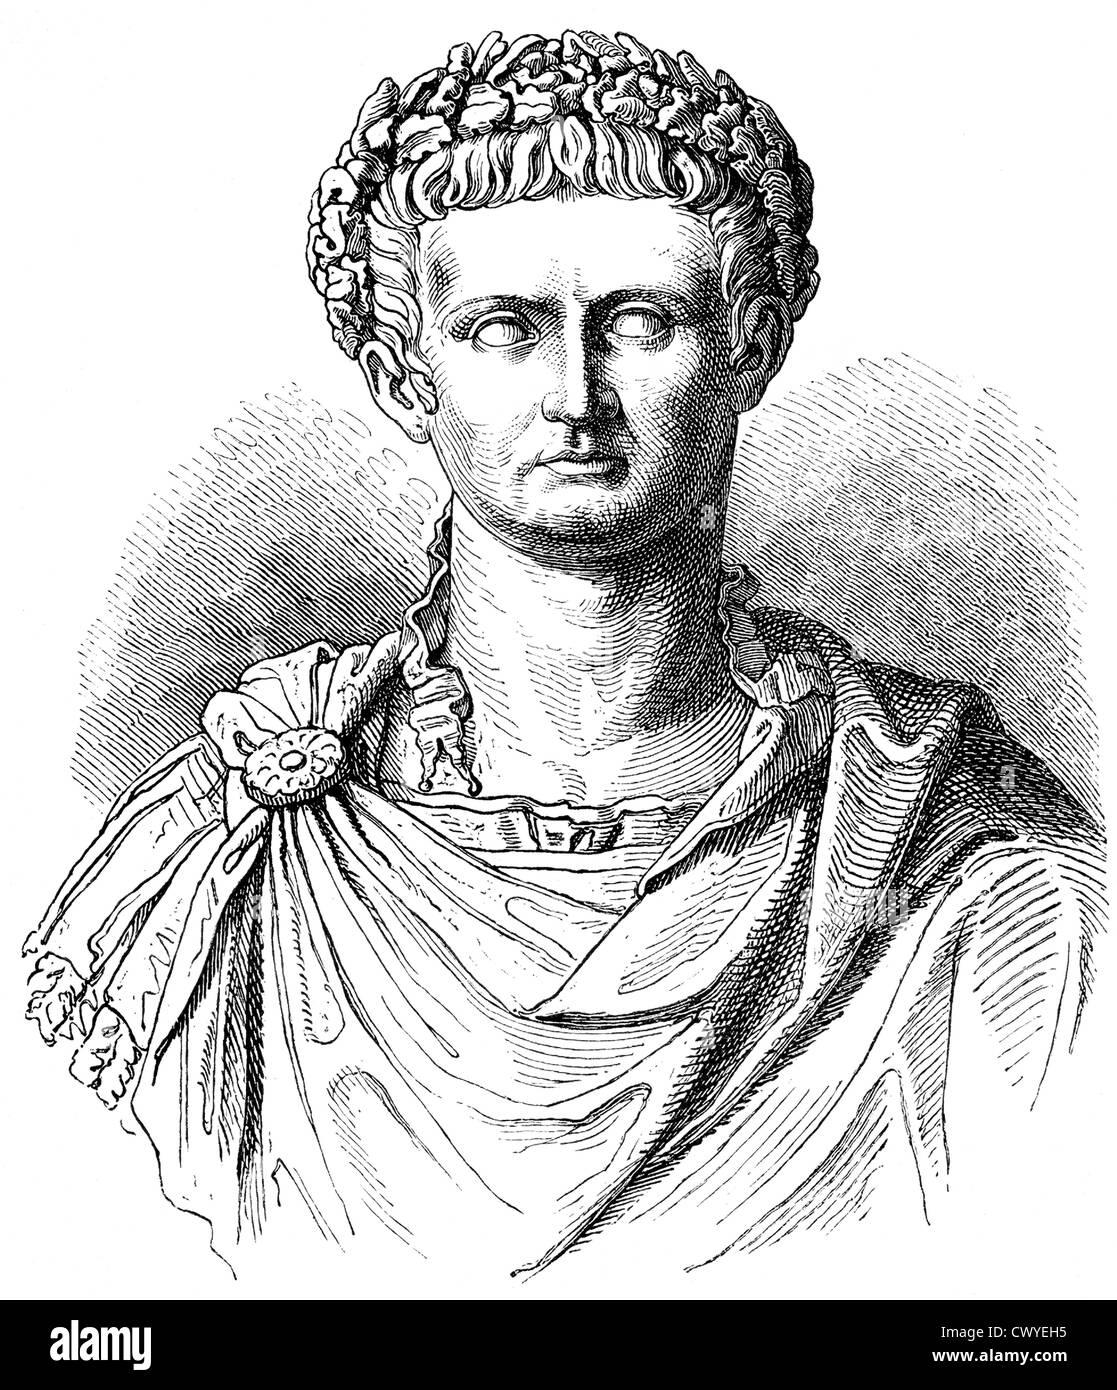 Tiberius Julius Caesar Augustus or Tiberius Claudius Nero, 42 BC - 37 AD, second emperor of the Roman Empire - Stock Image